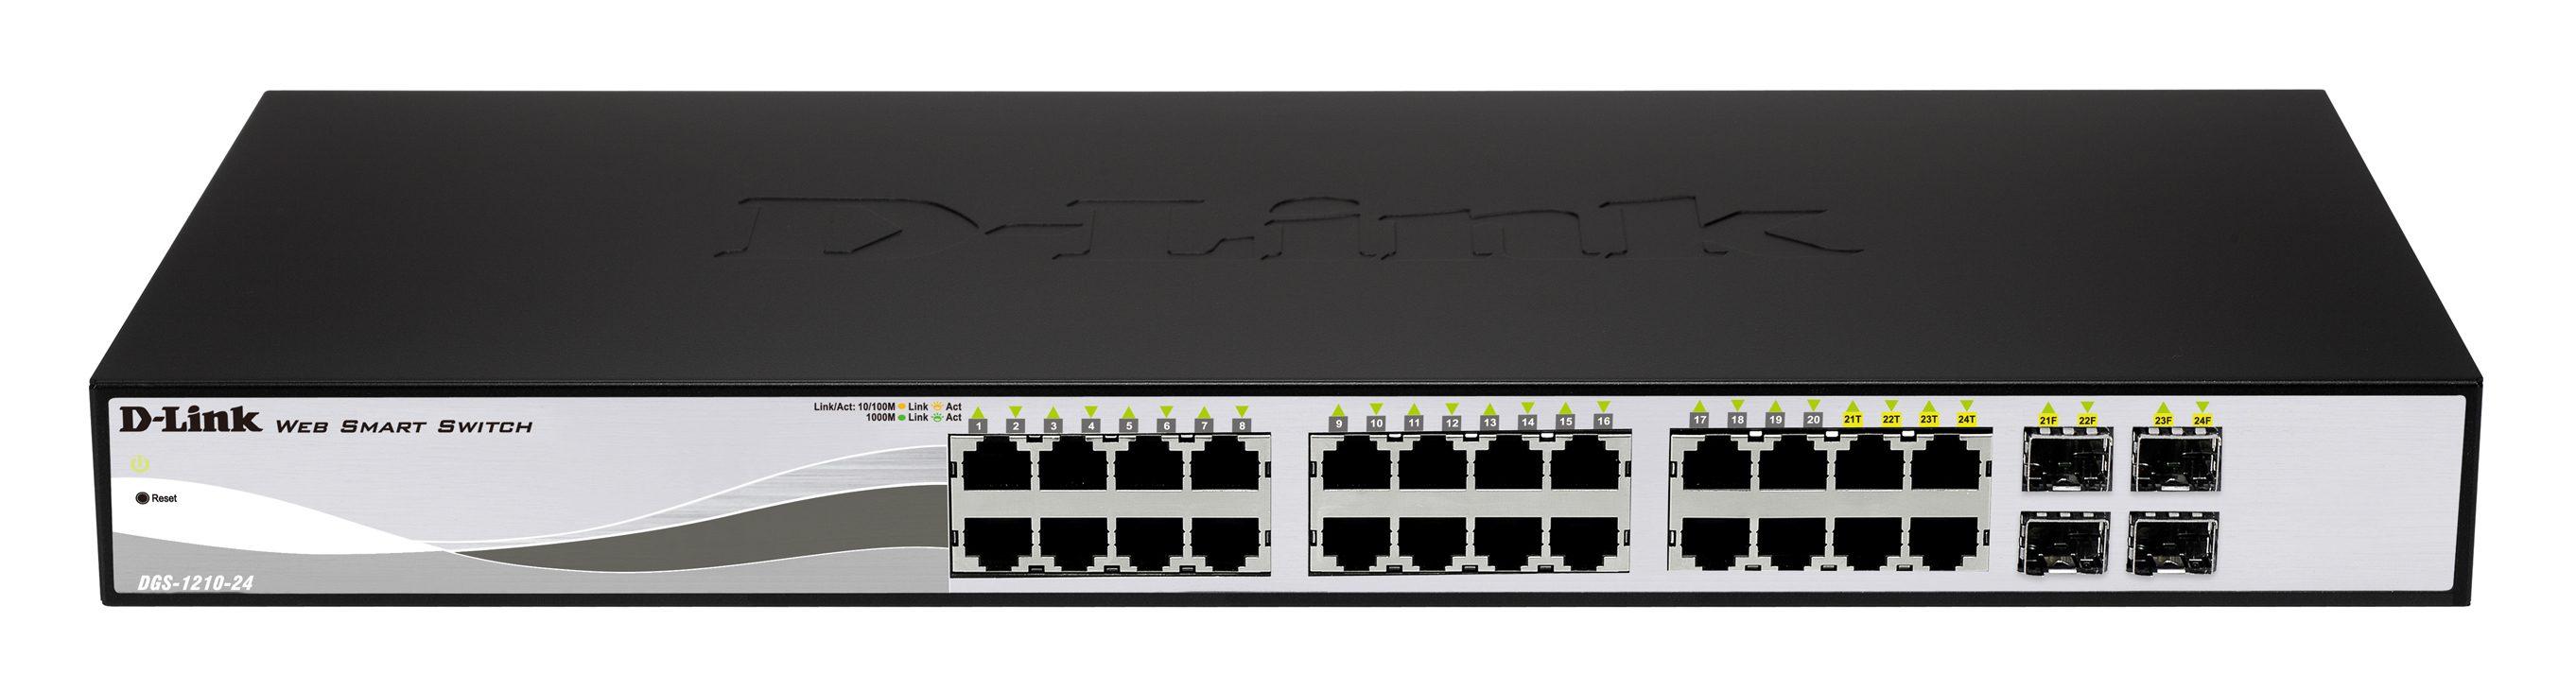 D-Link DGS-1210-24P switch